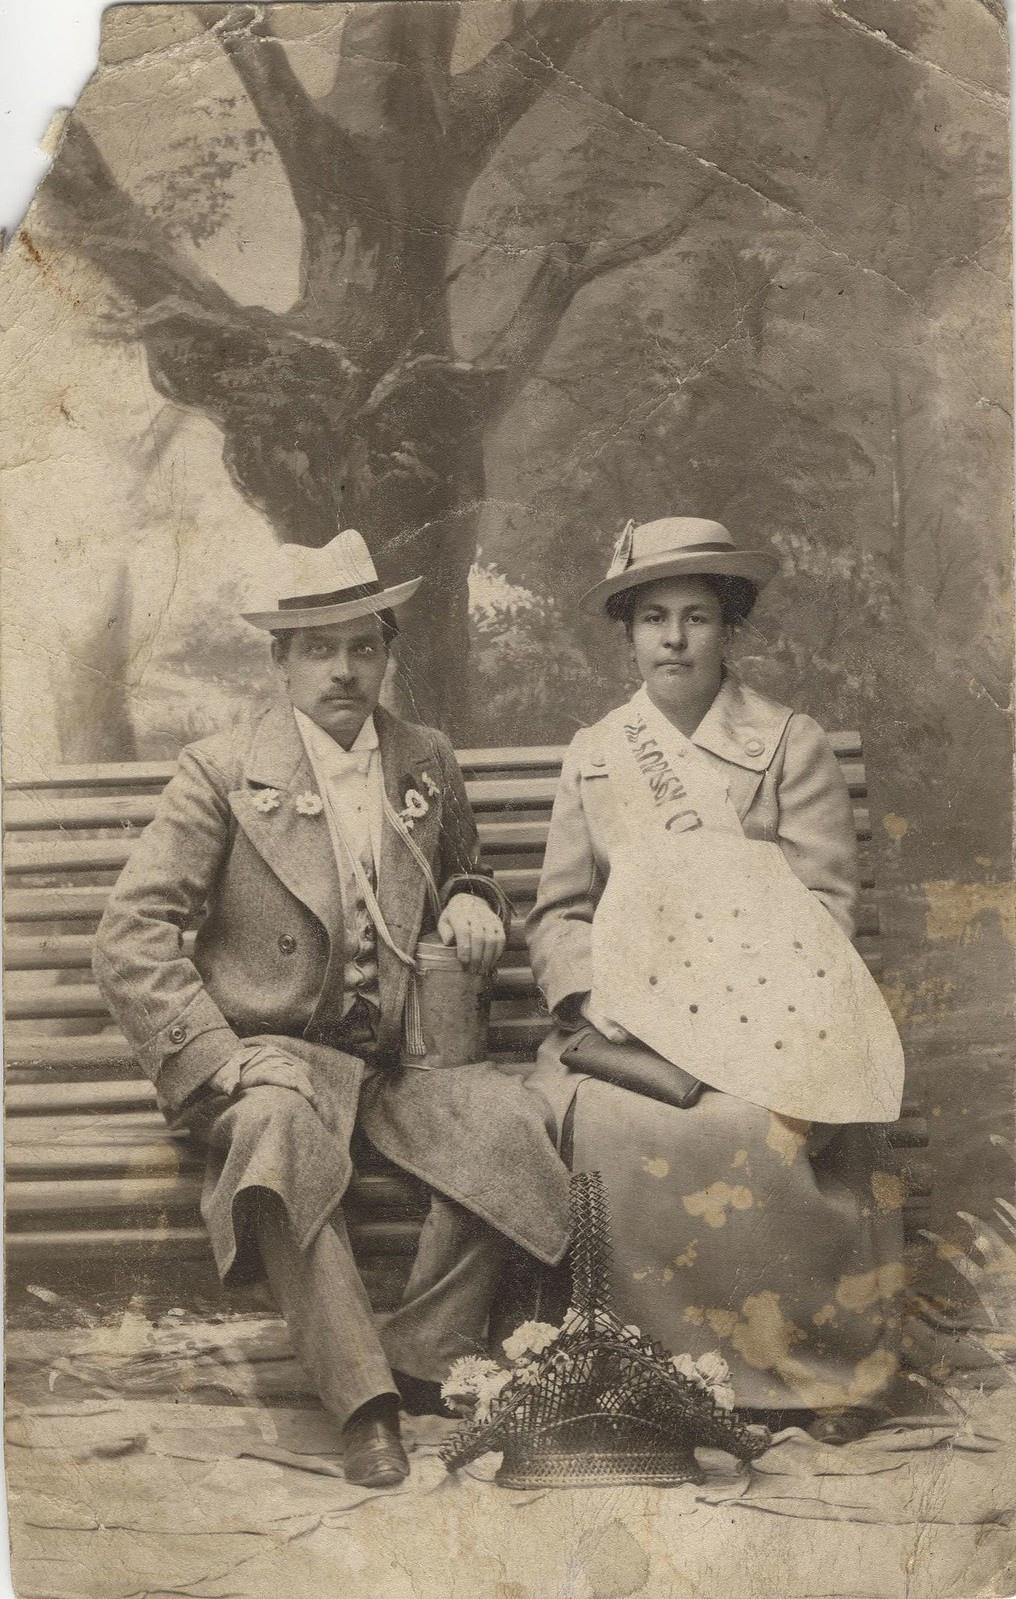 1916. Уваров и Волкова, собирающие пожертвования в пользу раненых в I мировую войну